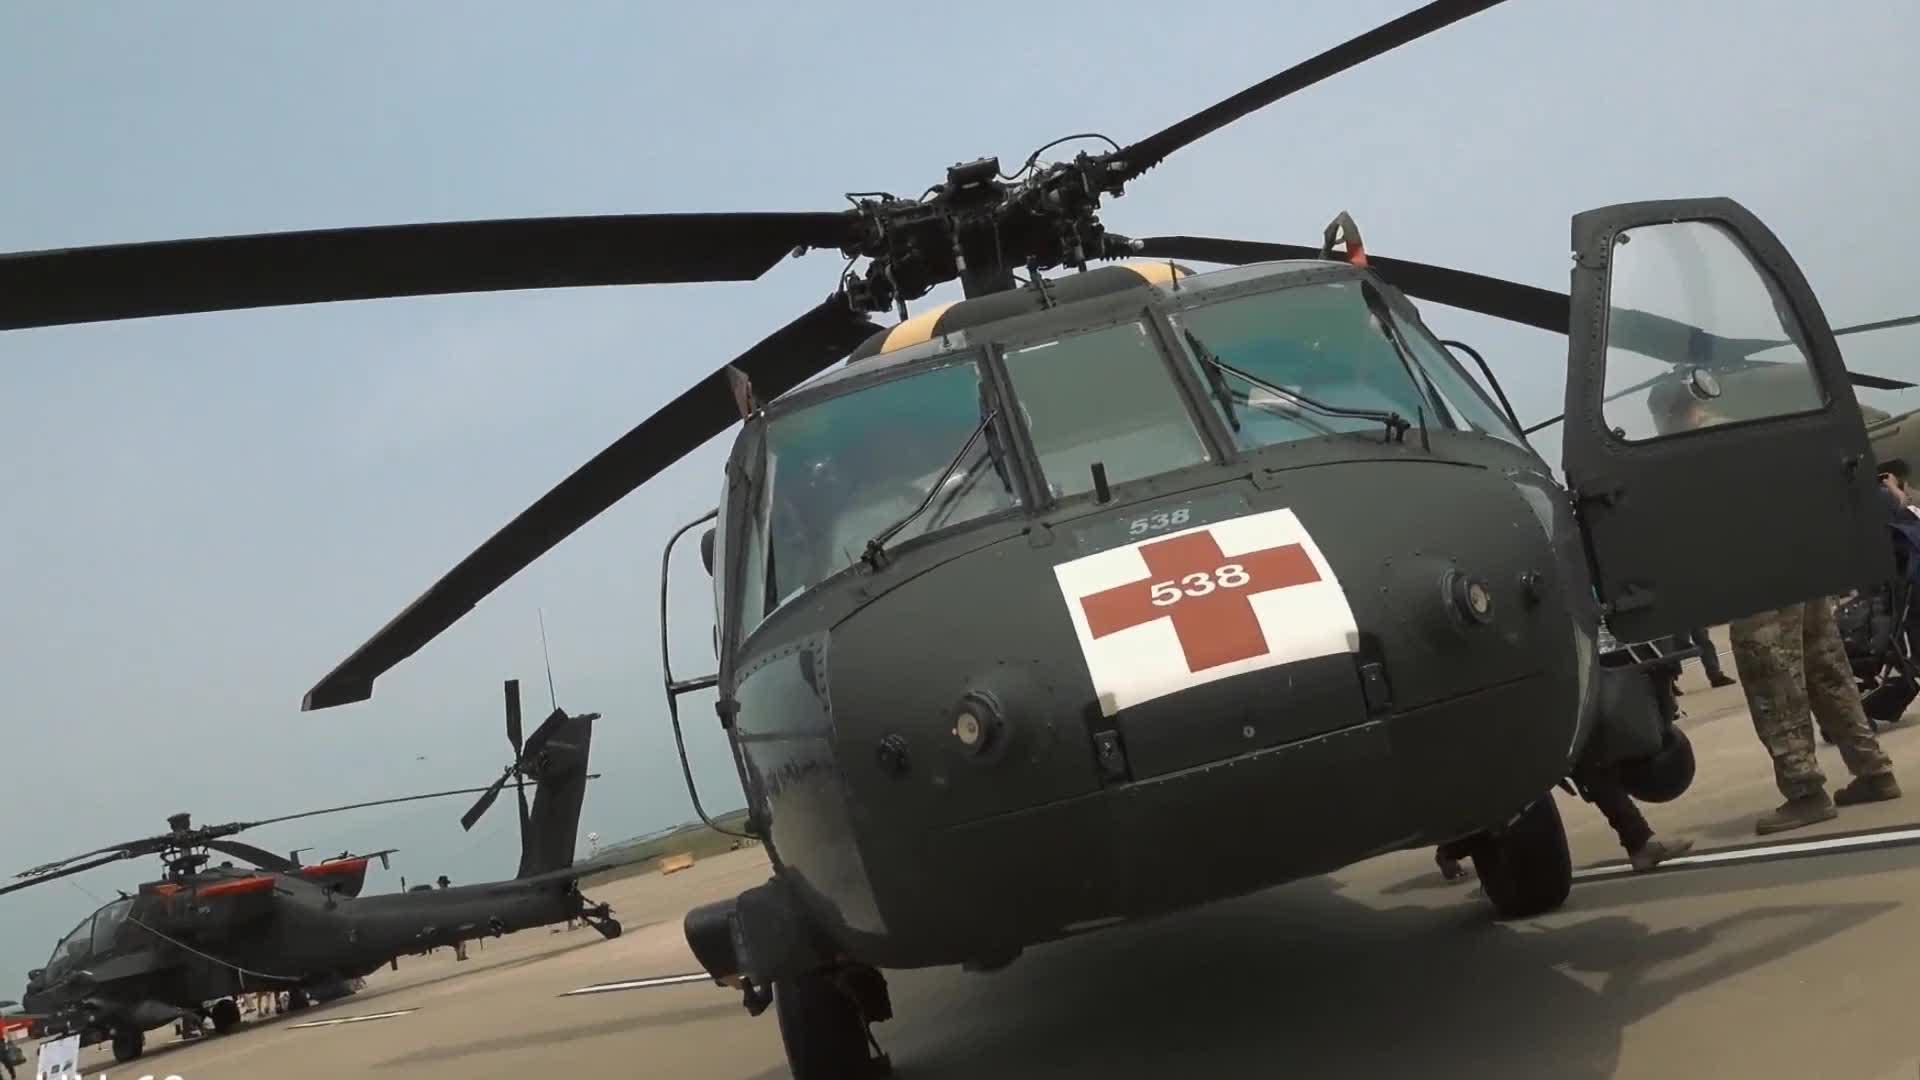 驻韩美军空中机动设备公开展览,来看一下